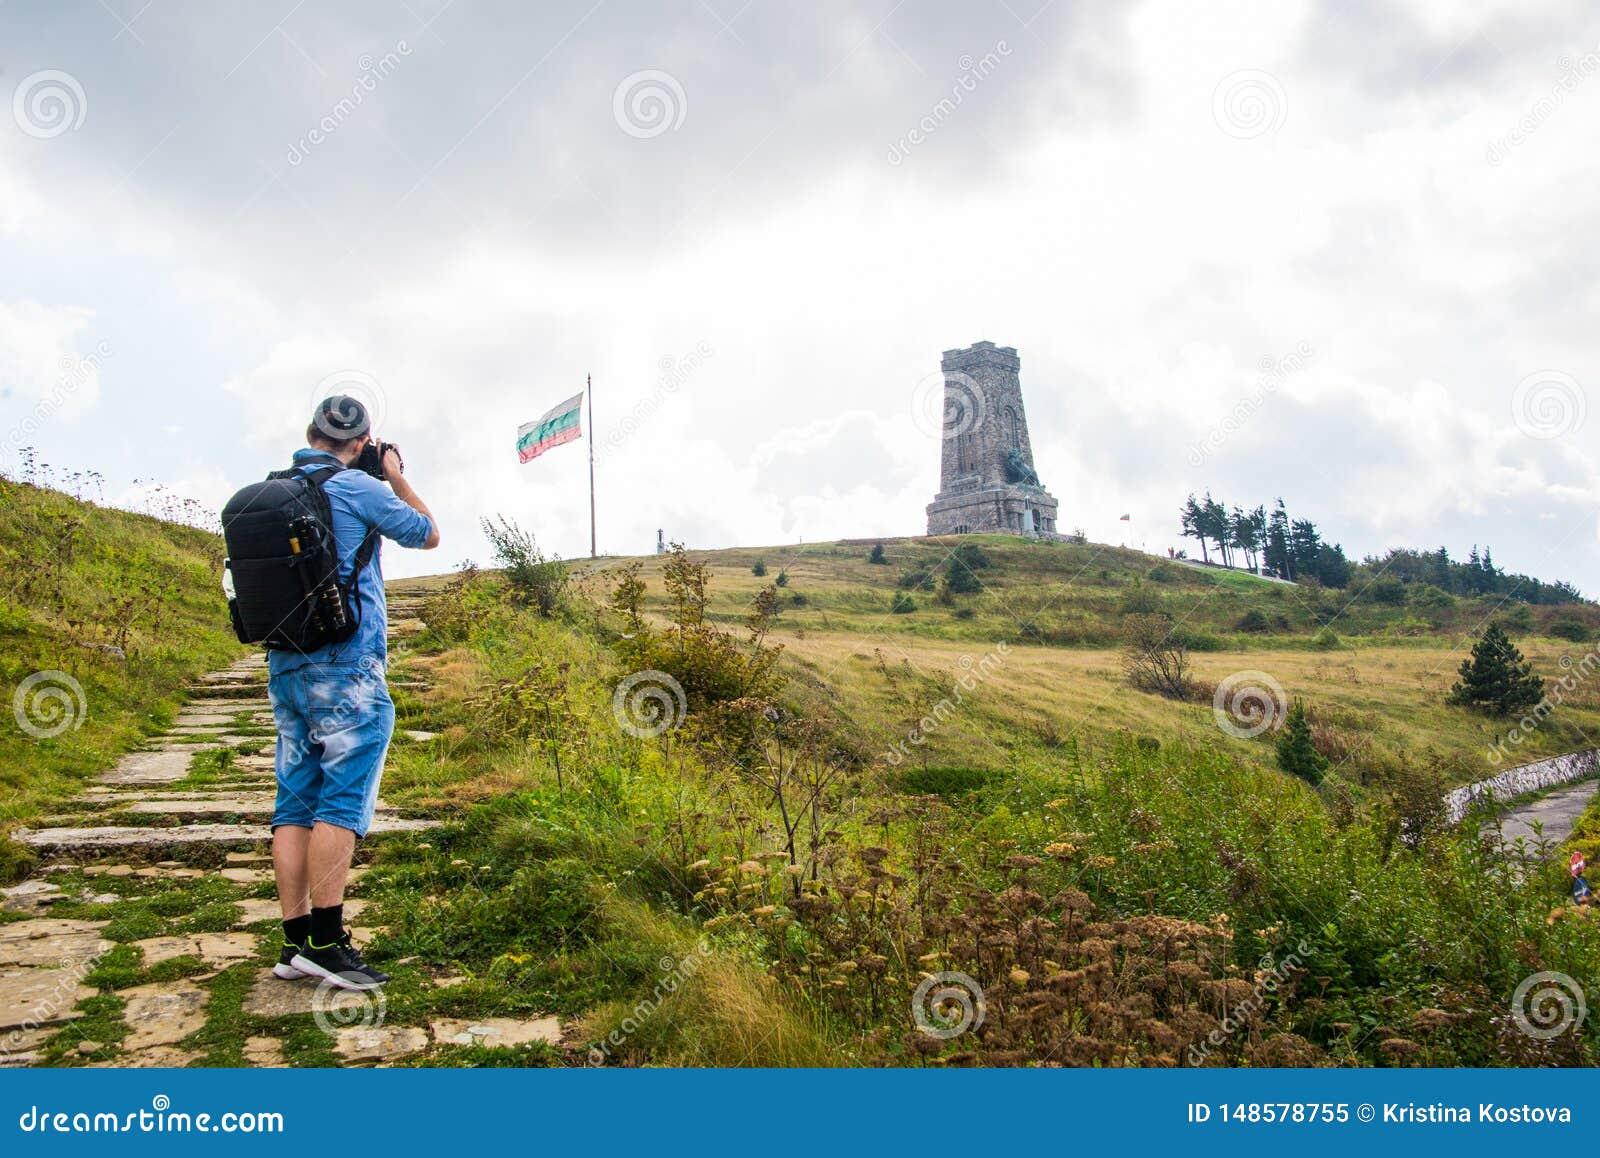 Μνημείο Shipka με μια βουλγαρική σημαία και έναν φωτογράφο, τουρίστας